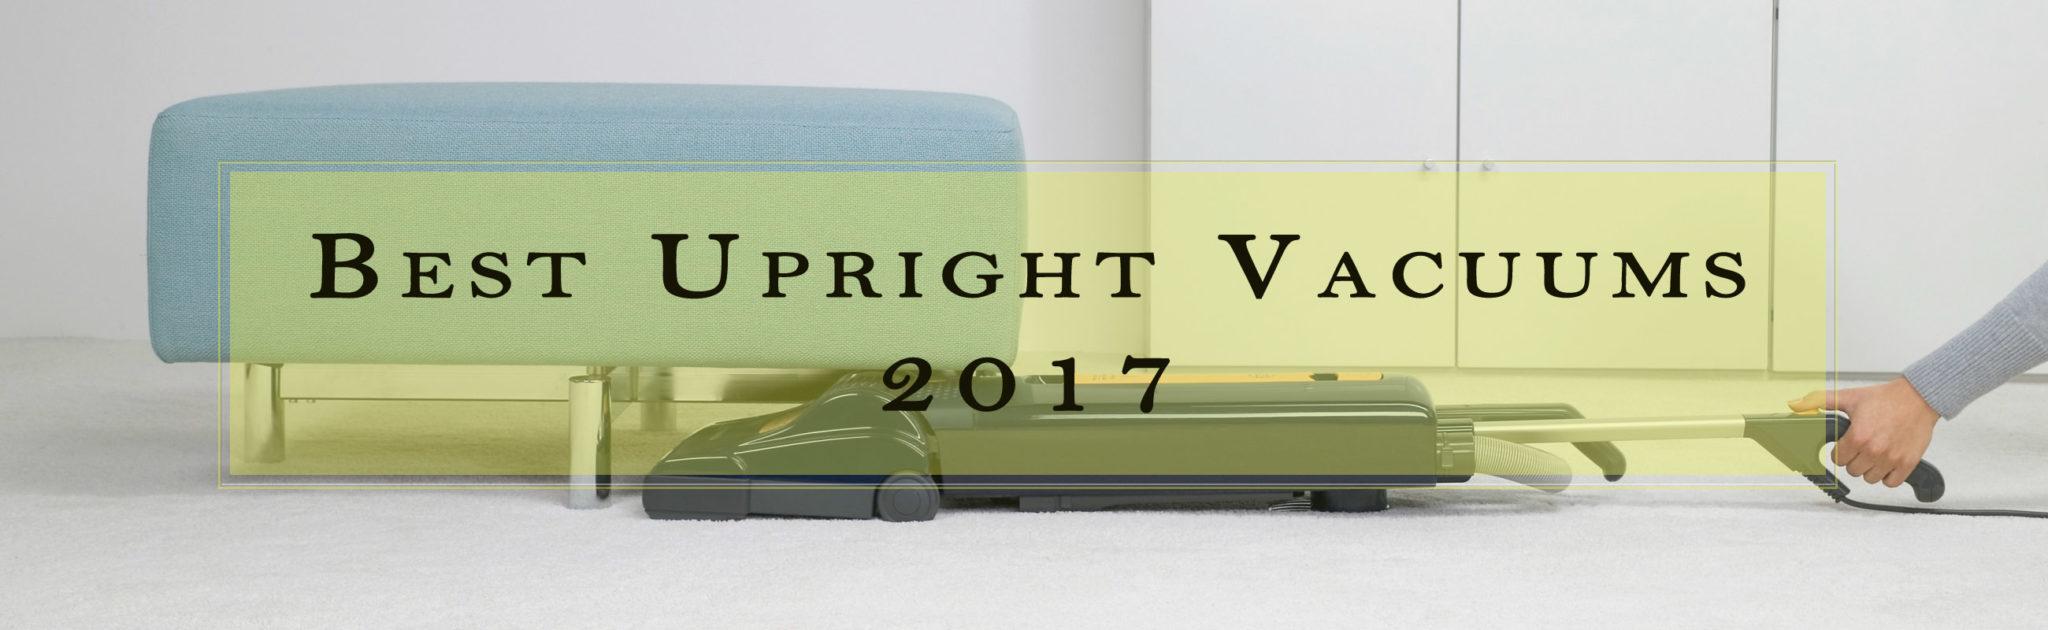 best upright vacuum 2017